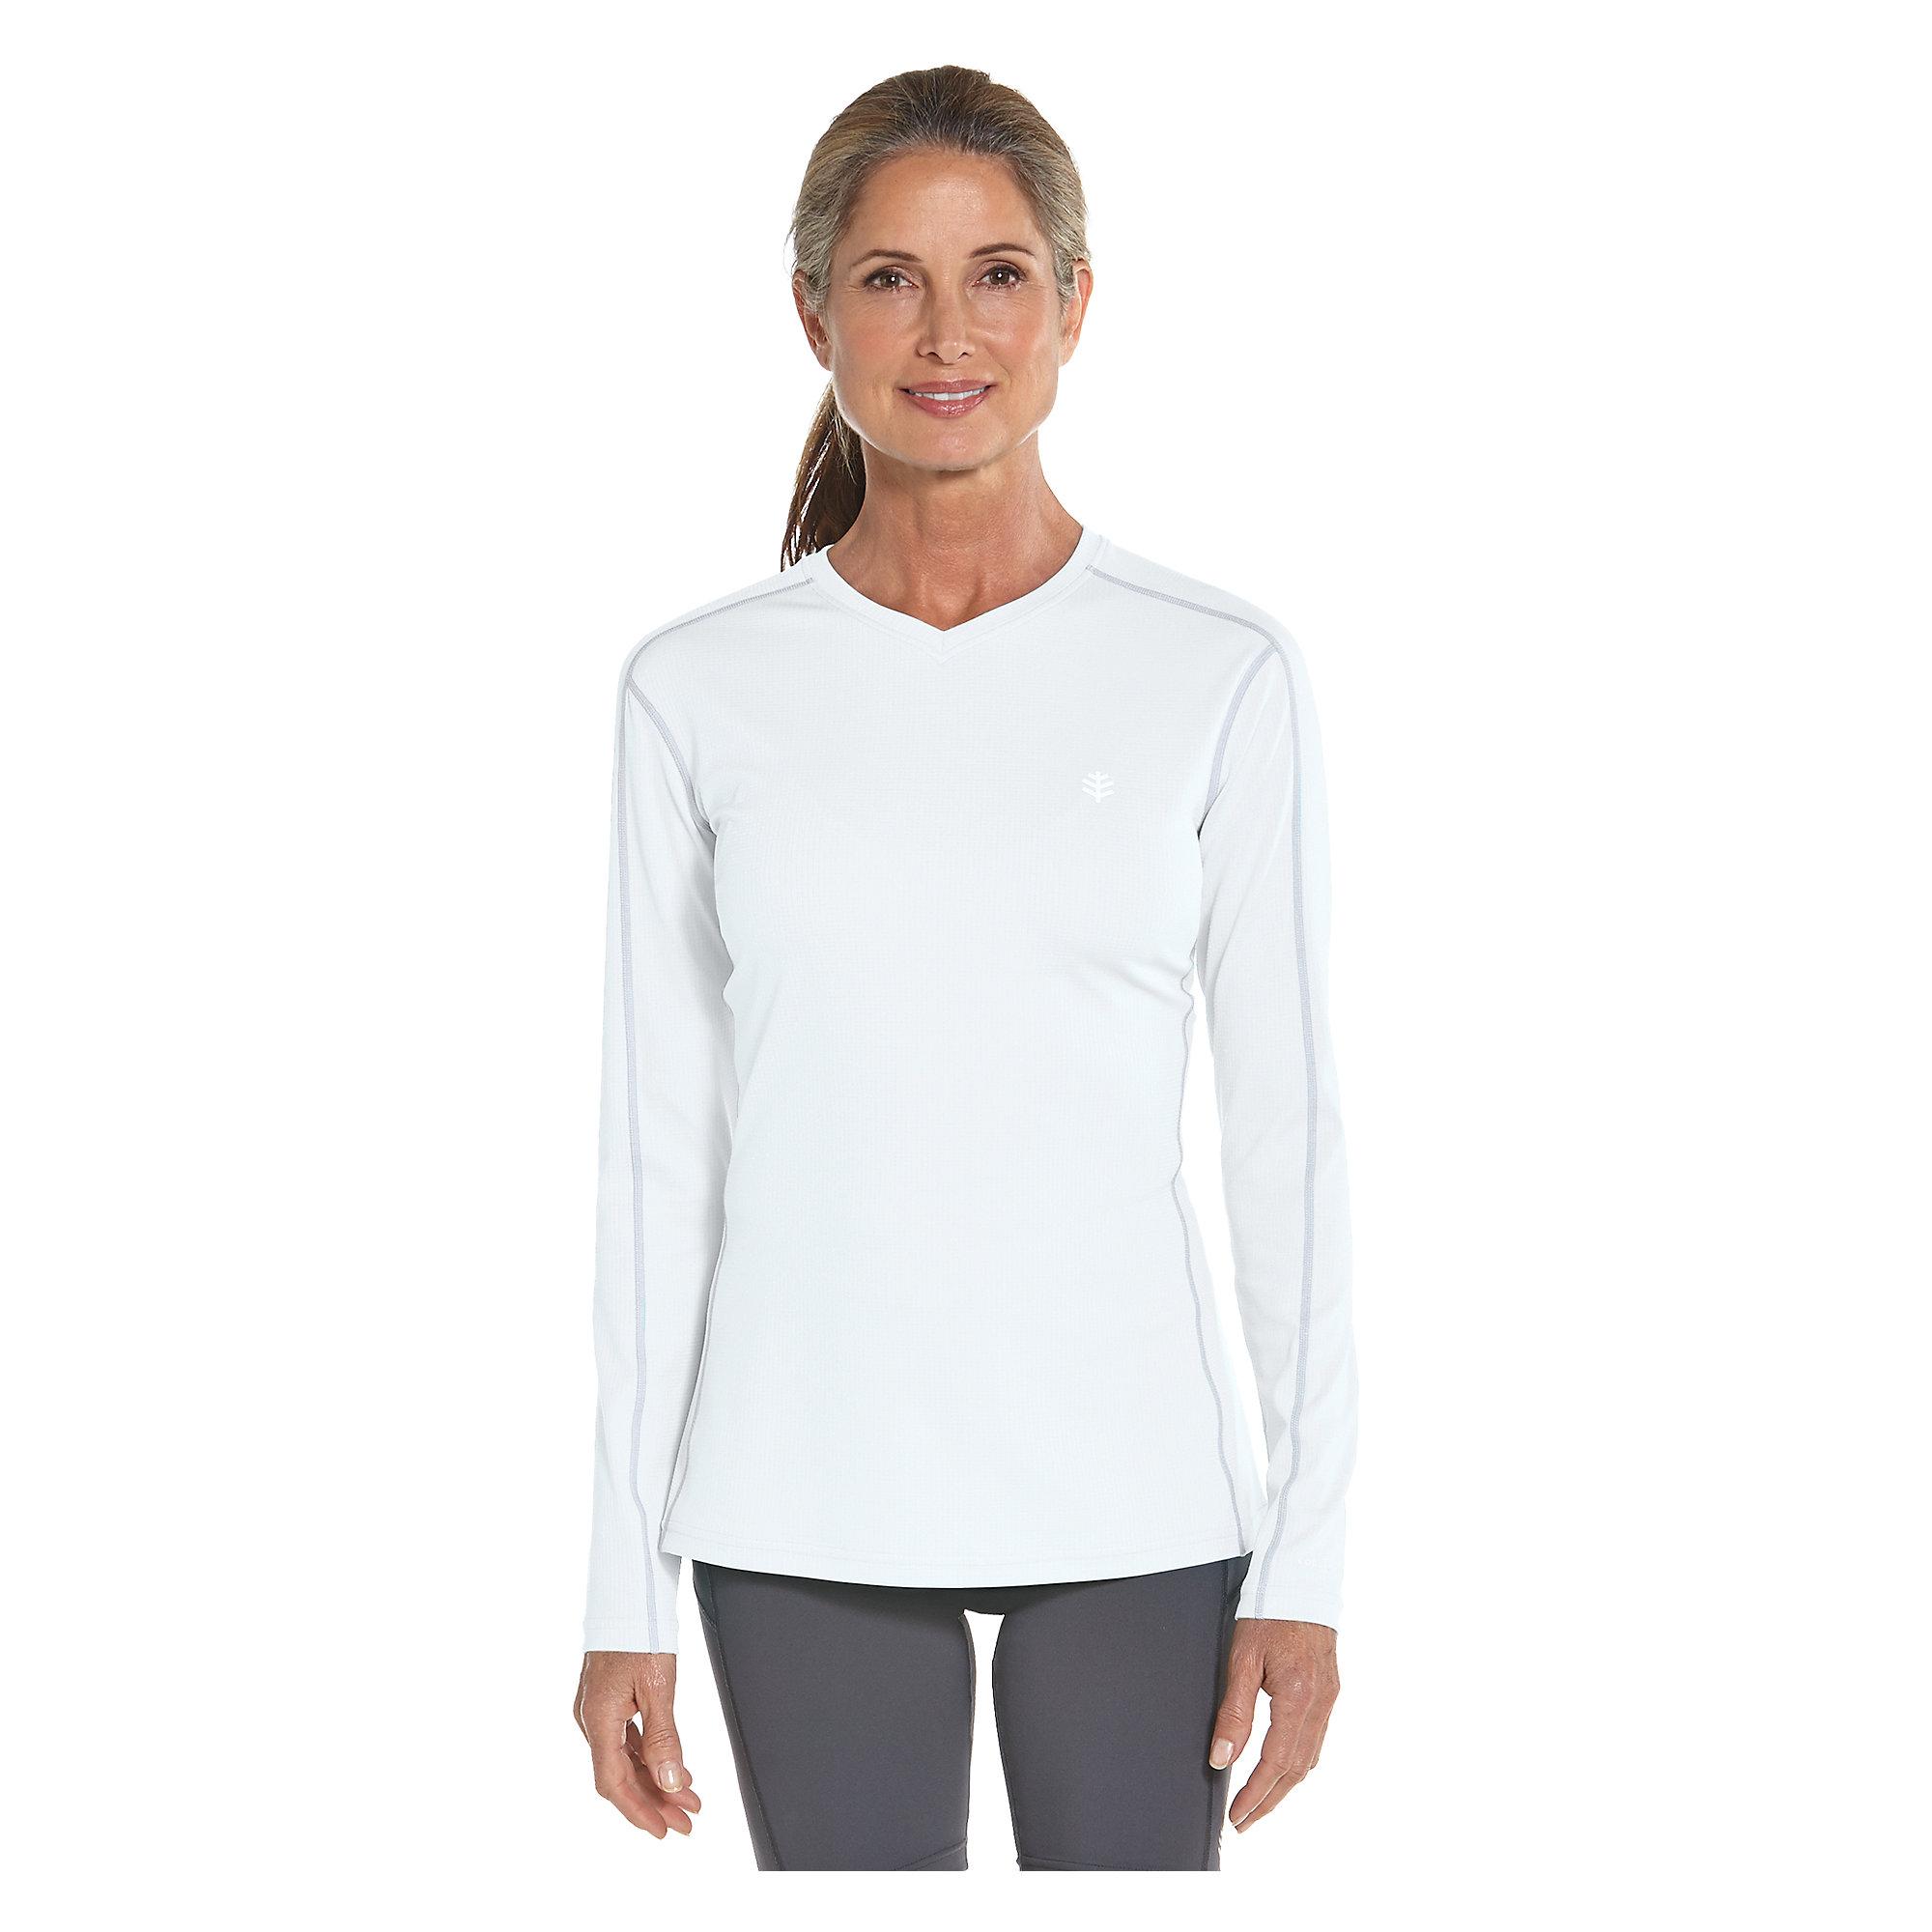 coolibar upf 50 women 39 s long sleeve cool fitness shirt sun